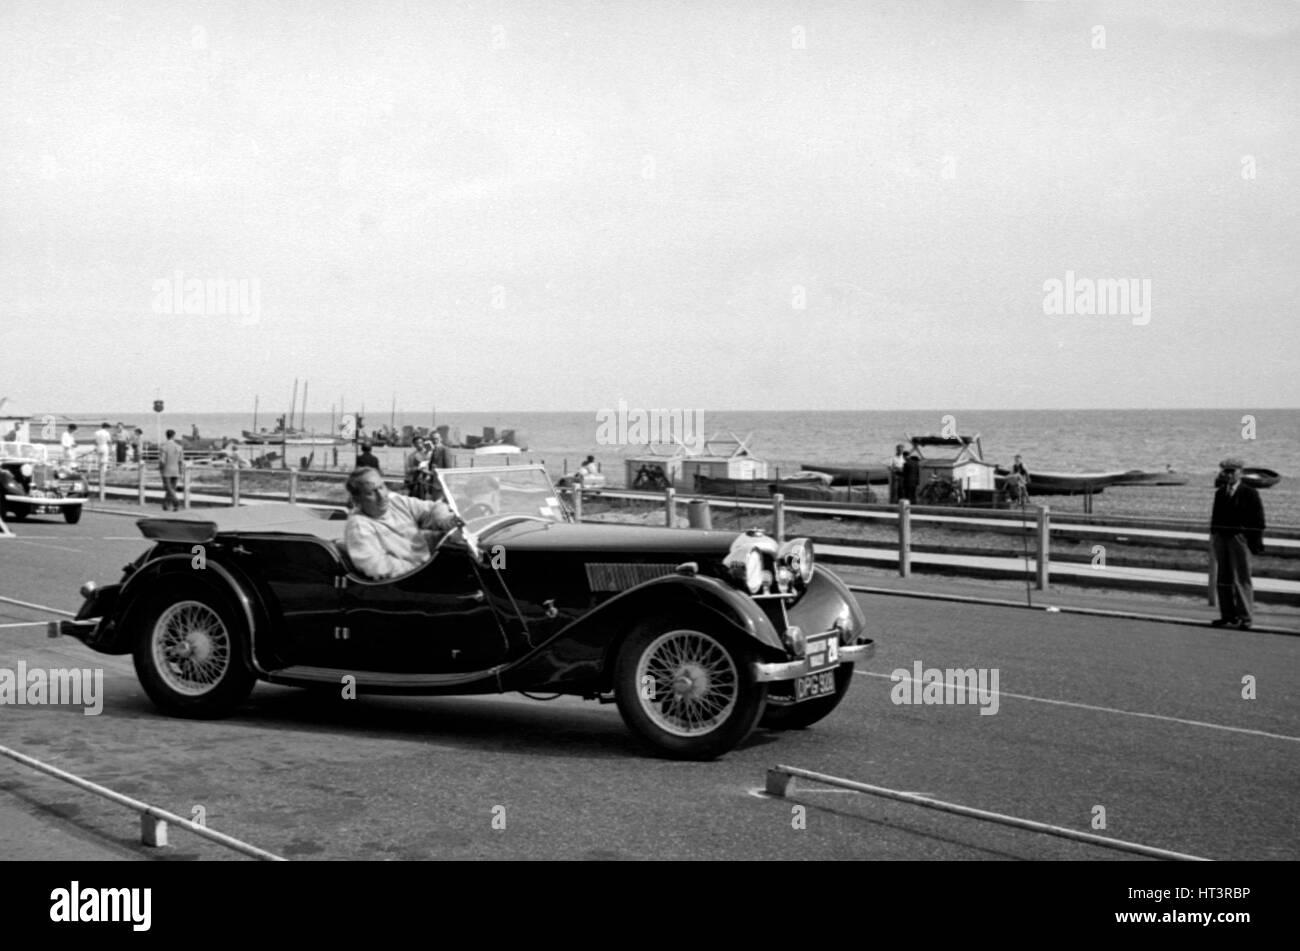 1937 Riley Lynx en el 1953 Brighton rally Artista: Desconocido. Imagen De Stock